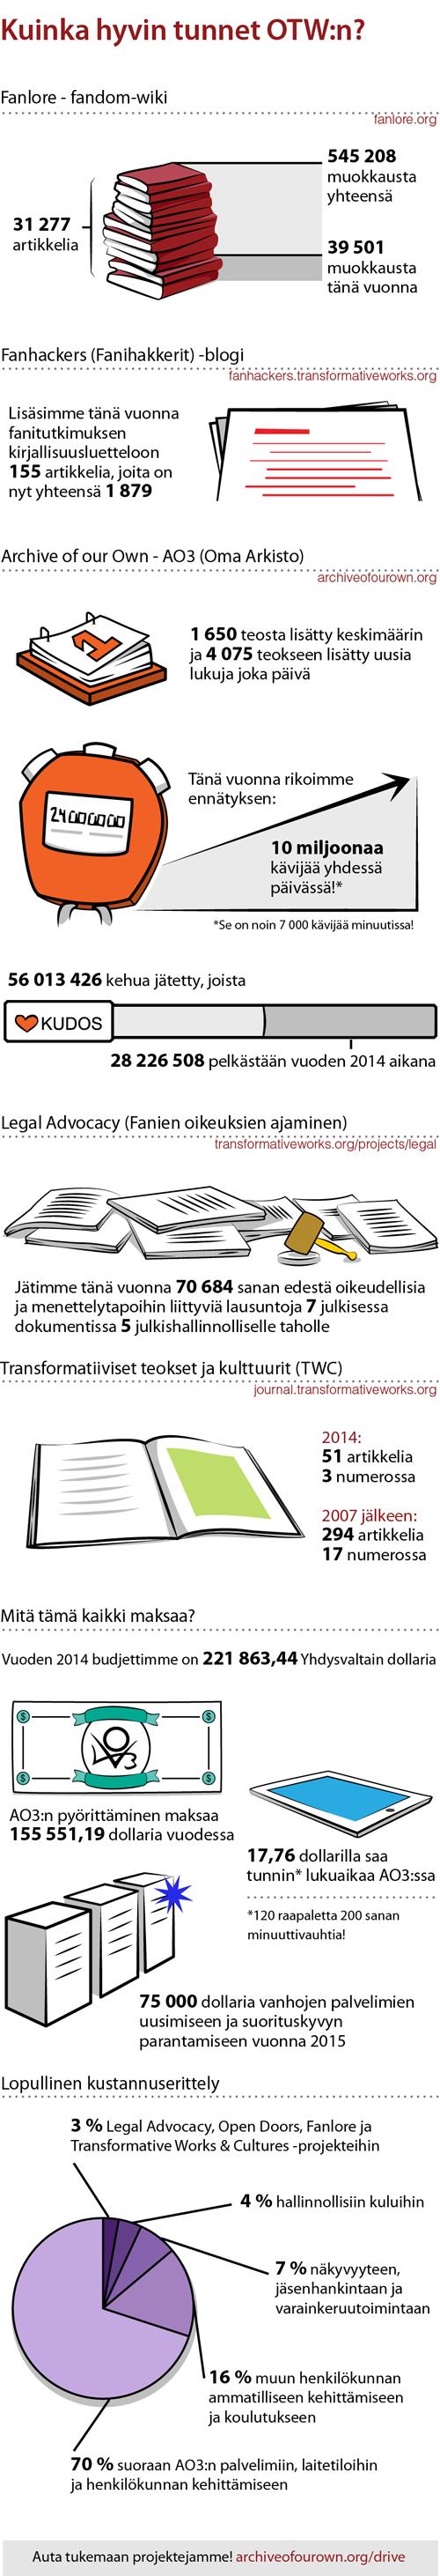 Kuinka hyvin tunnet OTW:n?Fanlore - fandom-wiki31 277 artikkelia545 208 muokkausta yhteensä39 501 muokkausta tänä vuonnaFanhackers (Fanihakkerit) -blogiLisäsimme tänä vuonna fanitutkimuksen kirjallisuusluetteloon 155 artikkelia, joita on nyt yhteensä 1 879.Archive of our Own - AO3 (Oma Arkisto)1 650 teosta lisätty keskimäärin ja4 075 teokseen lisätty uusia lukuja joka päiväTänä vuonna rikoimme ennätyksen: 10 miljoonaa kävijää yhdessä päivässä!**Se on noin 7 000 kävijää minuutissa!56 013 426 kehua jätetty, joista28 226 508 pelkästään vuoden 2014 aikanaLegal Advocacy (Fanien oikeuksien ajaminen)Jätimme tänä vuonna 70 684 sanan edestä oikeudellisia ja menettelytapoihin liittyviä lausuntoja7 julkisessa dokumentissa 5 julkishallinnolliselle taholleTransformatiiviset teokset ja kulttuurit (TWC) - akateeminen julkaisu2014: 51 artikkelia 3 numerossa2007 jälkeen: 294 artikkelia 17 numerossaMitä tämä kaikki maksaa?Vuoden 2014 budjettimme on 221 863,44 Yhdysvaltain dollariaAO3:n pyörittäminen maksaa 155 551,19 dollaria vuodessa17,76 dollarilla saa tunnin* lukuaikaa AO3:ssa*120 raapaletta 200 sanan minuuttivauhtia!75 000 dollaria vanhojen palvelimien uusimiseen ja suorituskyvyn parantamiseen vuonna 2015Lopullinen kustannuserittely3 % Legal Advocacy, Open Doors, Fanlore ja Transformative Works & Cultures -projekteihin4 % hallinnollisiin kuluihin7 % näkyvyyteen, jäsenhankintaan ja varainkeruutoimintaan16 % muun henkilökunnan ammatilliseen kehittämiseen ja koulutukseen70 % suoraan AO3:n palvelimiin, laitetiloihin ja henkilökunnan kehittämiseenAuta tukemaan projektejamme!transformativeworks.org/donate